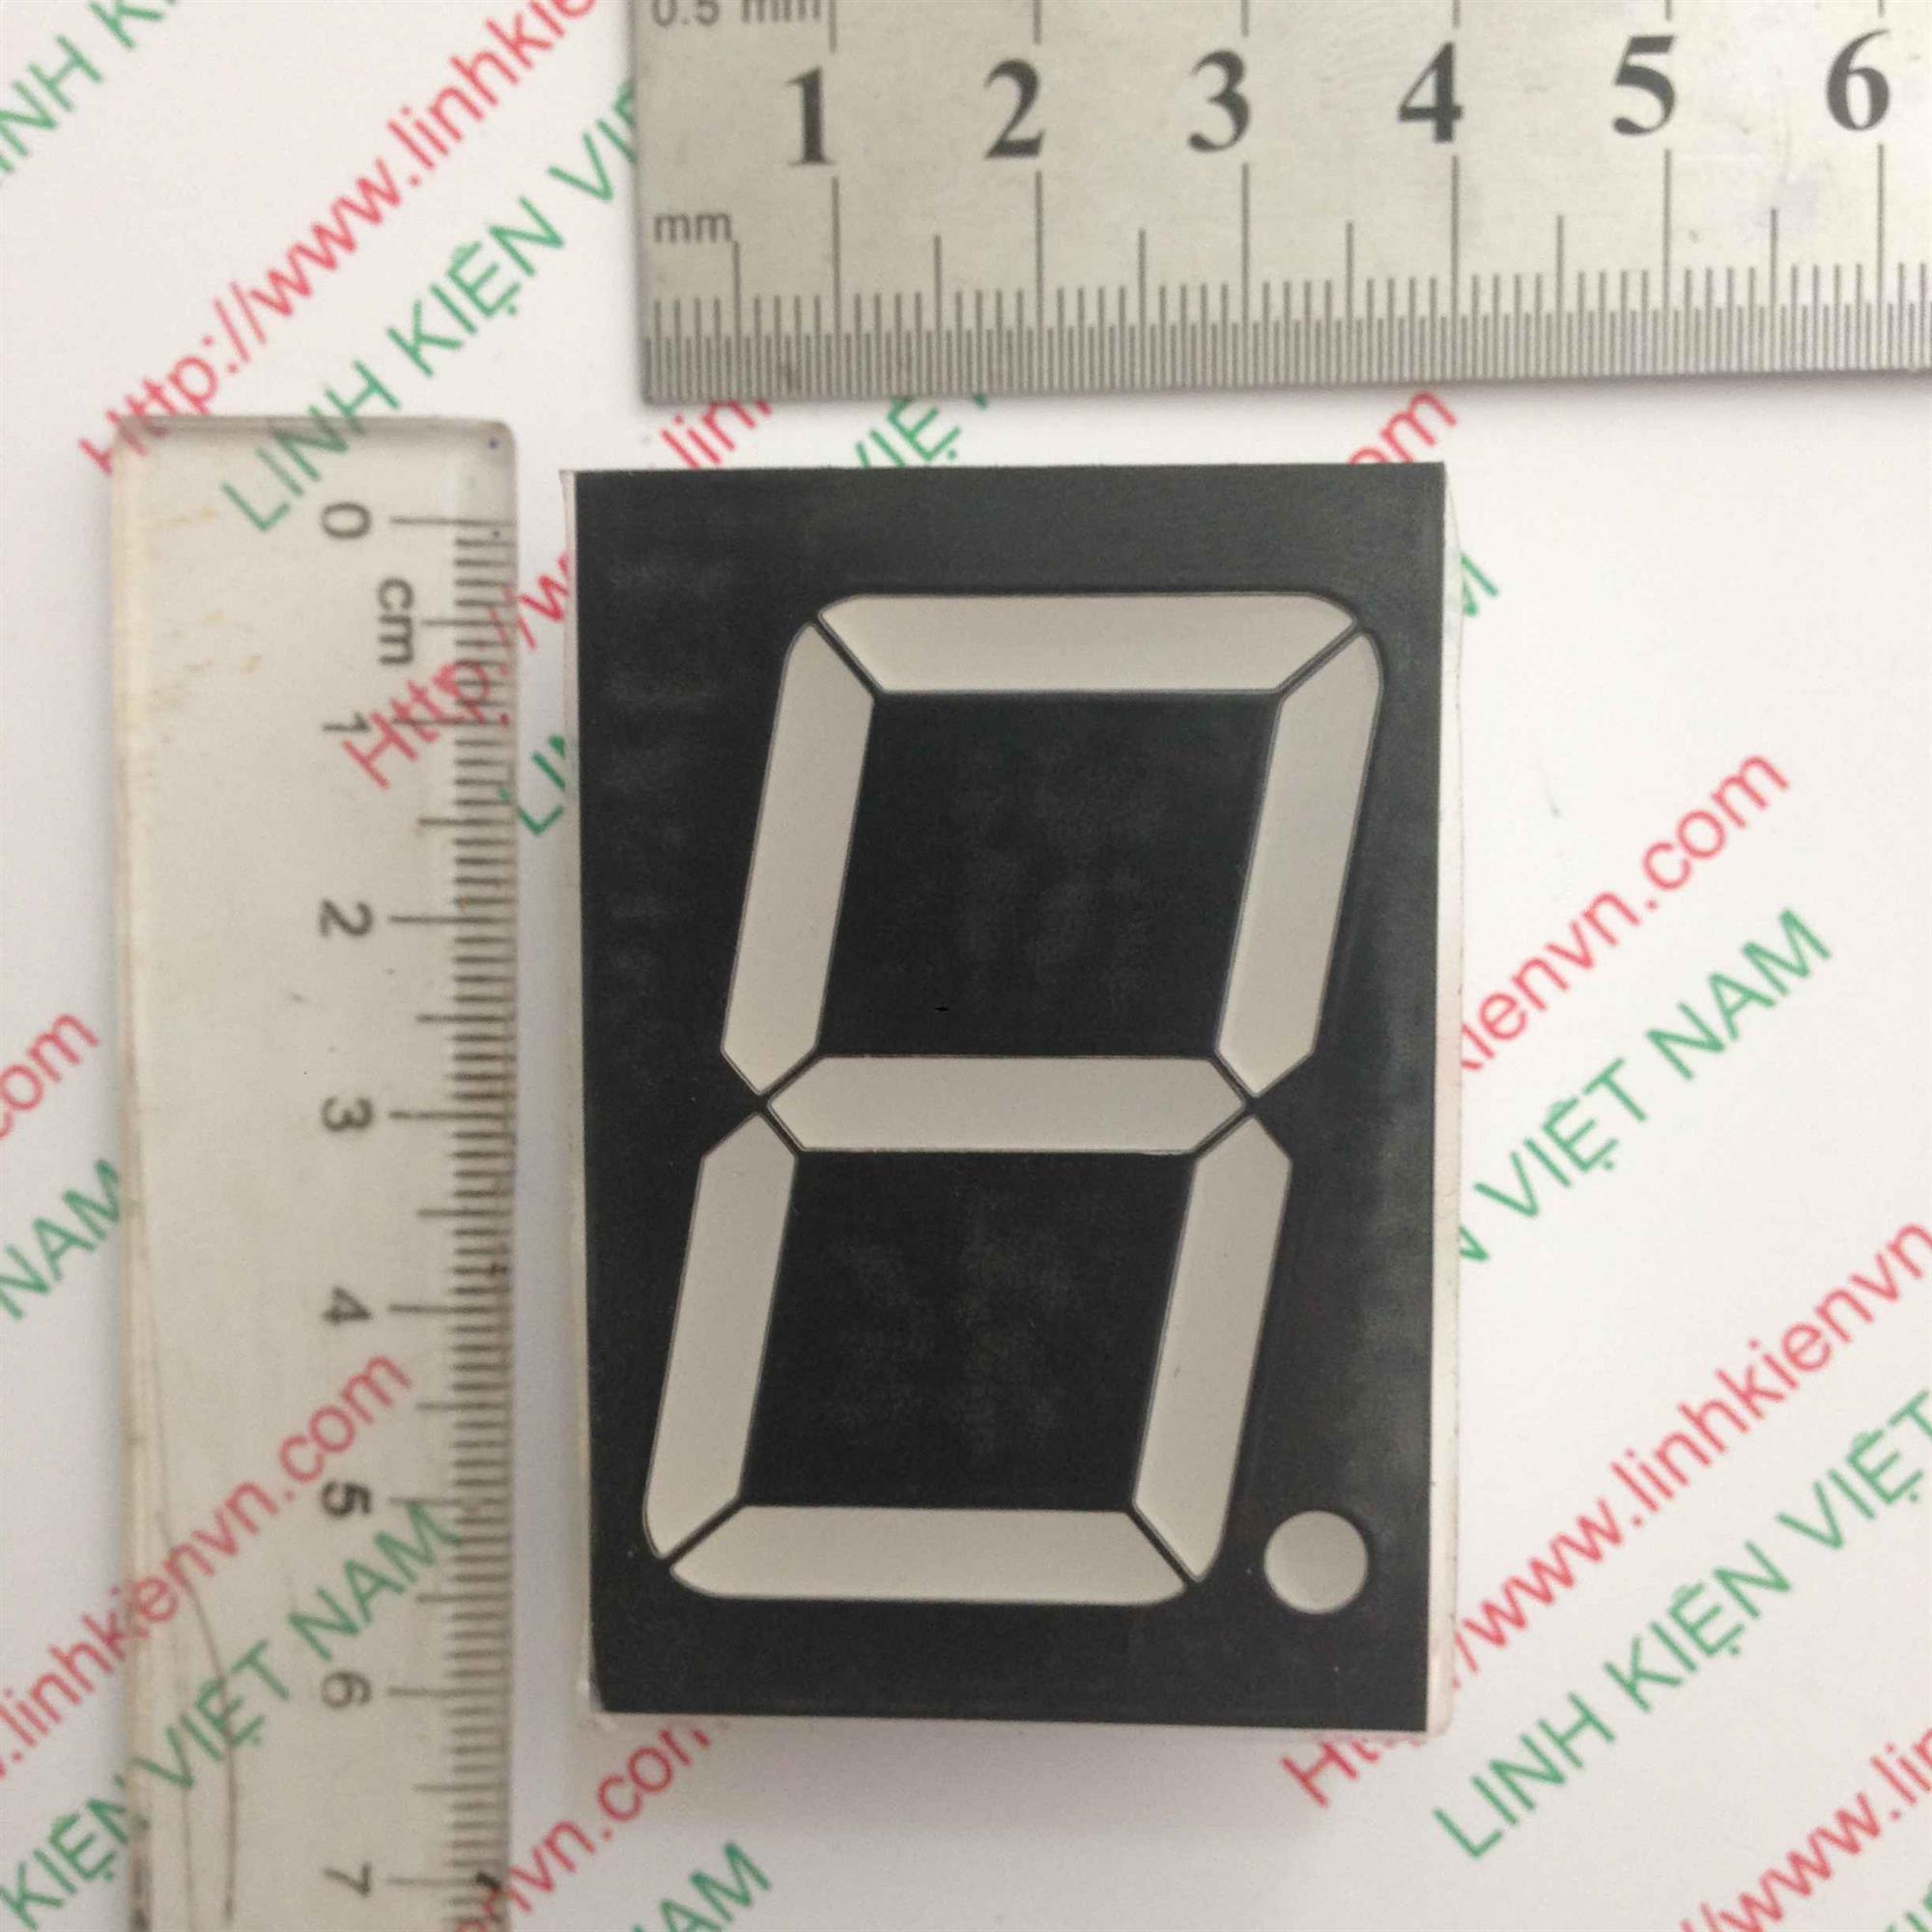 Led 7 Thanh đỏ đơn 1.80inch (3.8cm-5.6cm) - A3H20